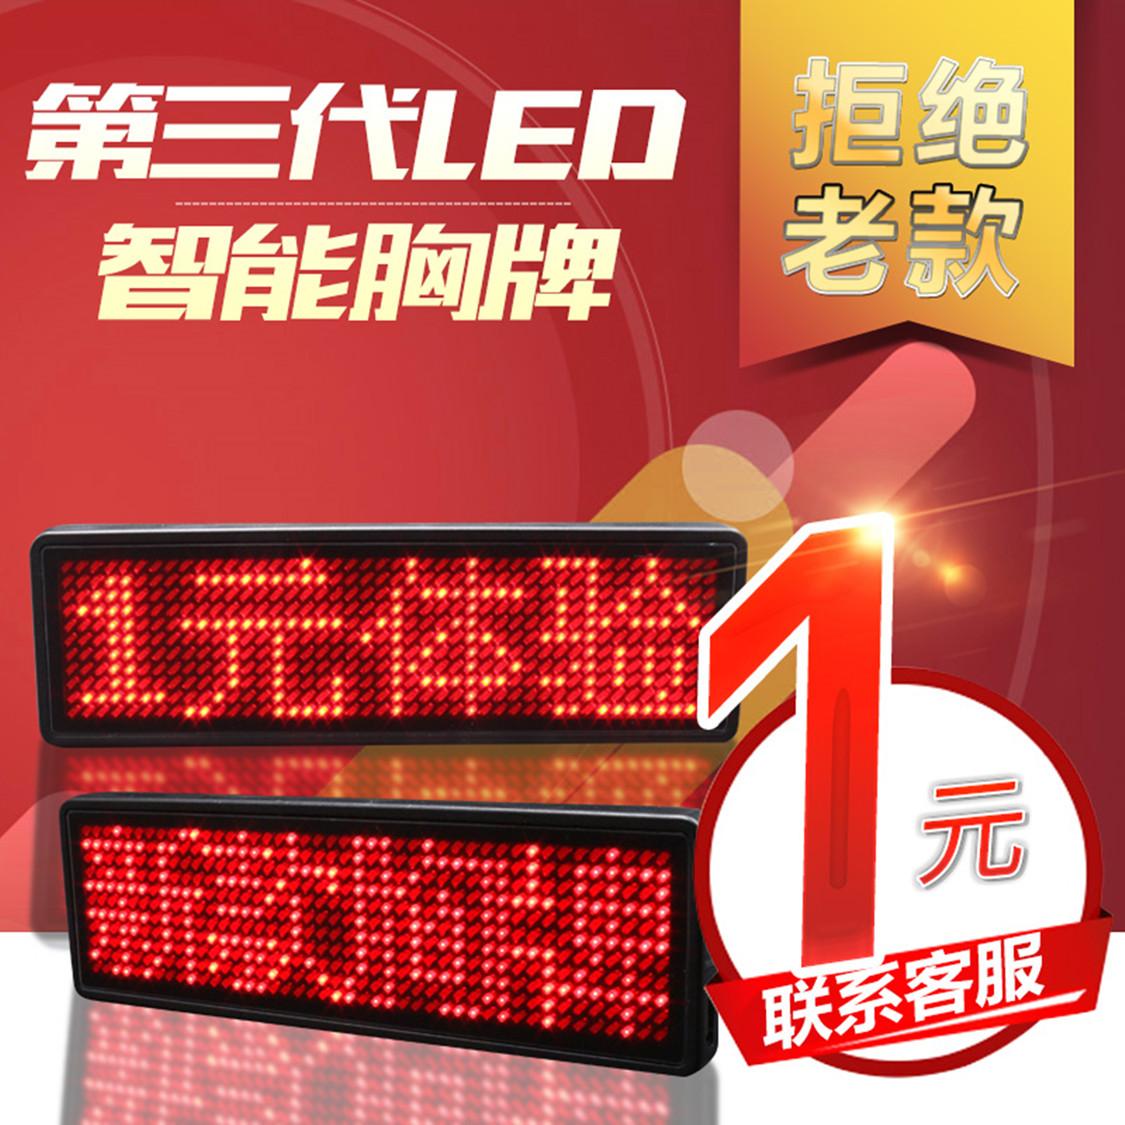 Светодиодный значок с заряжающим электронным значком прокрутки четыре слово Карта значков, номер карты, рекламный экран, e поколение привод